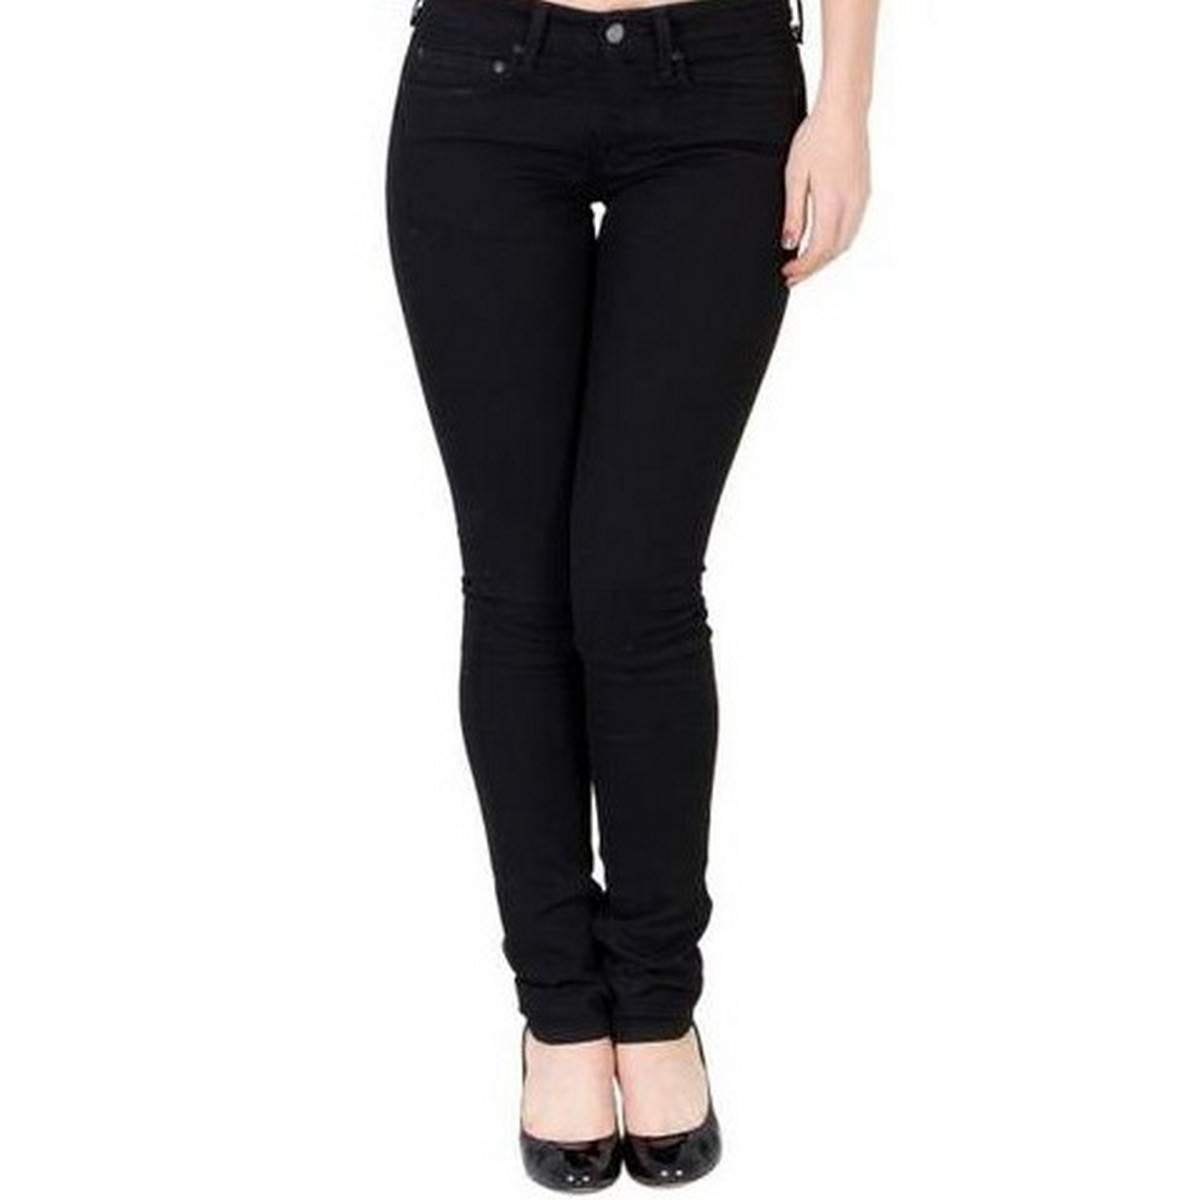 Cotton Jeans For Women - Black